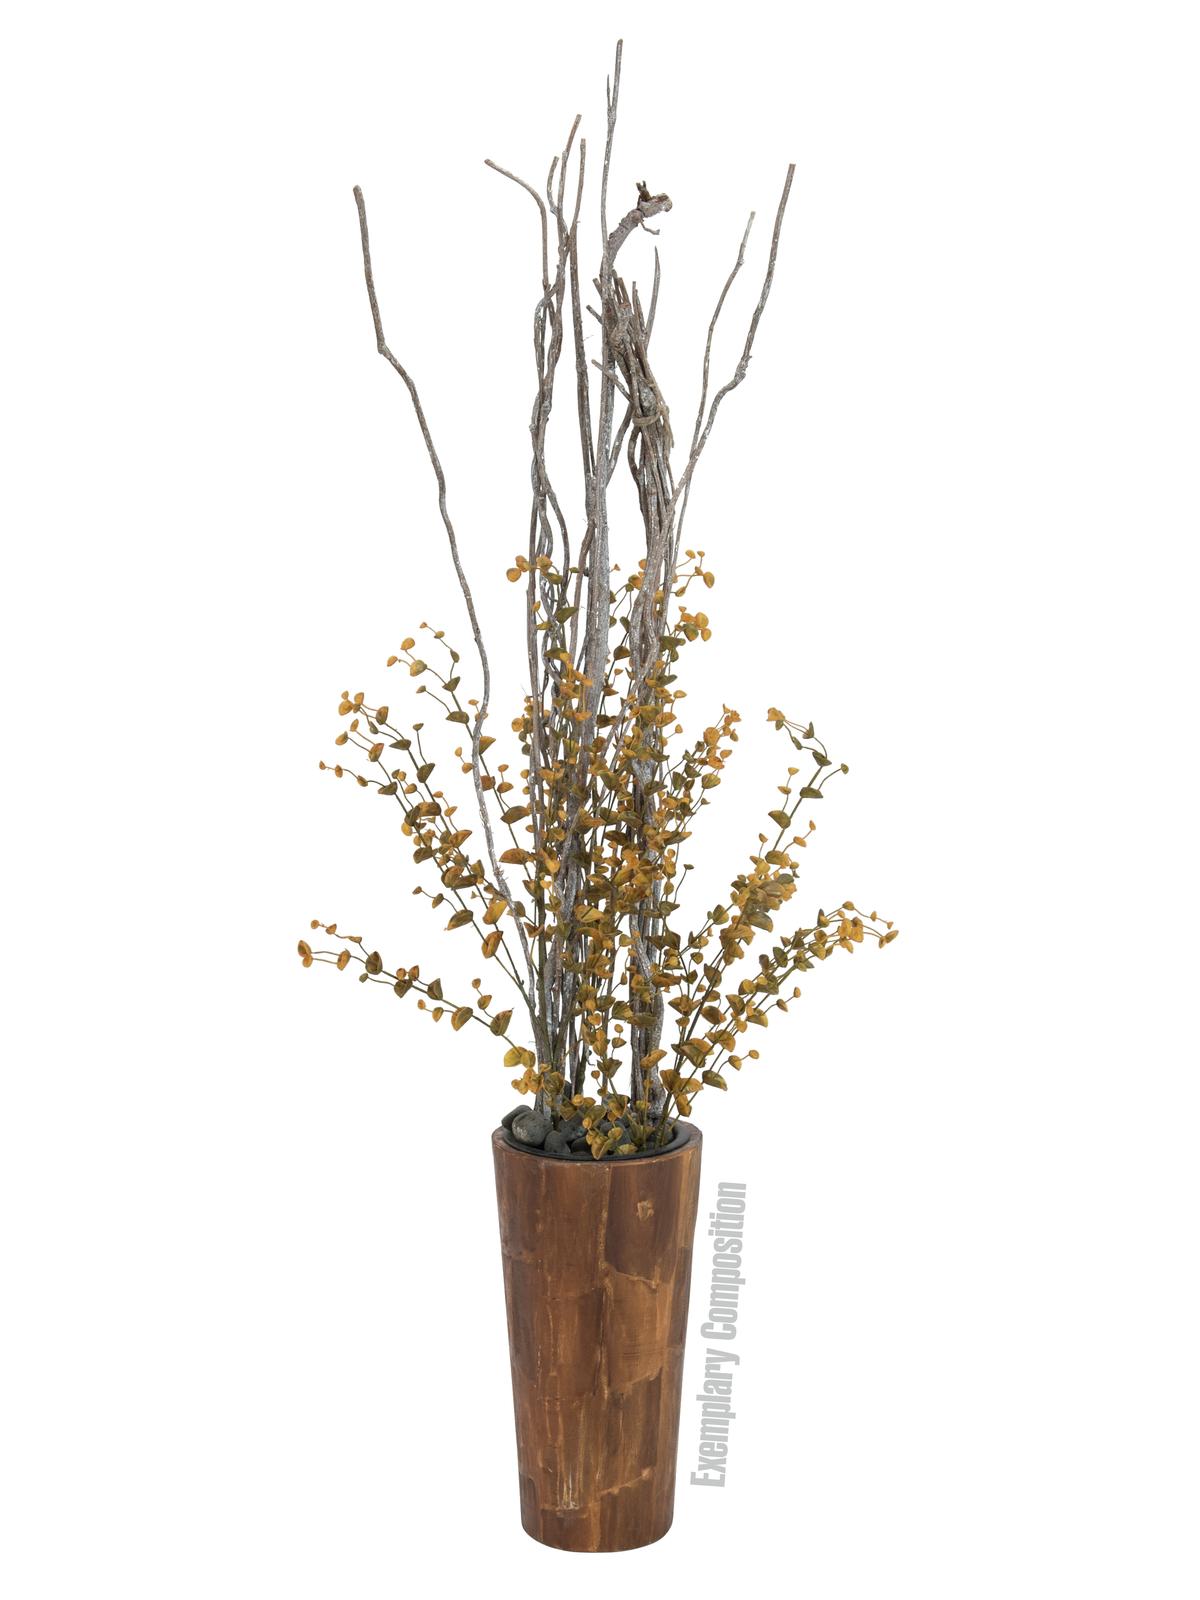 EUROPALMS Eucalipto spray di colore giallo-verde, 110 cm